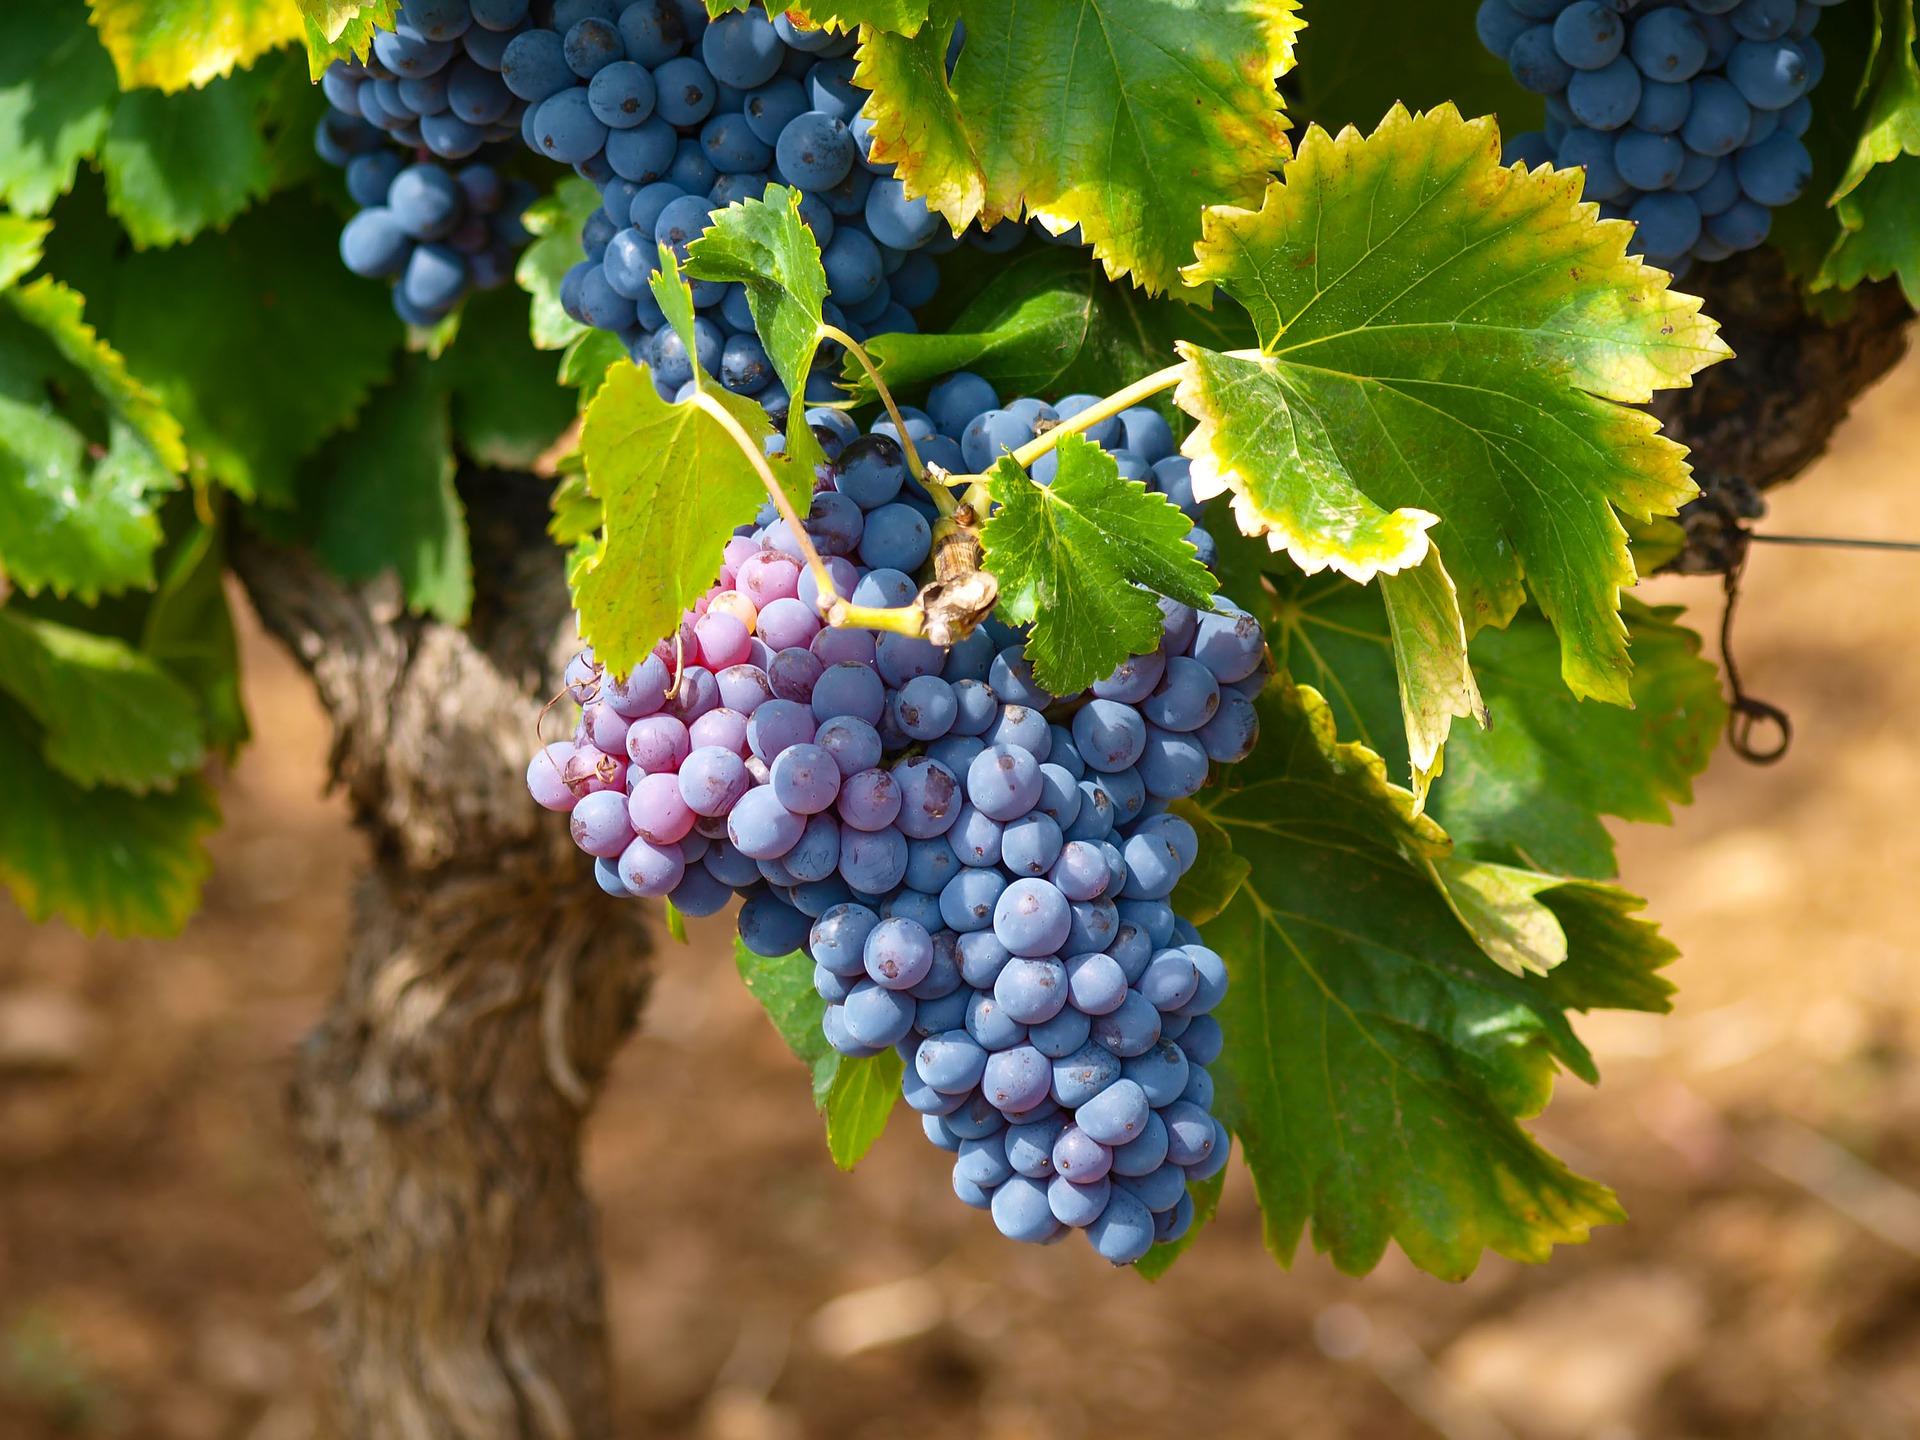 Czy polskie wina mogą konkurować z zagranicznymi?